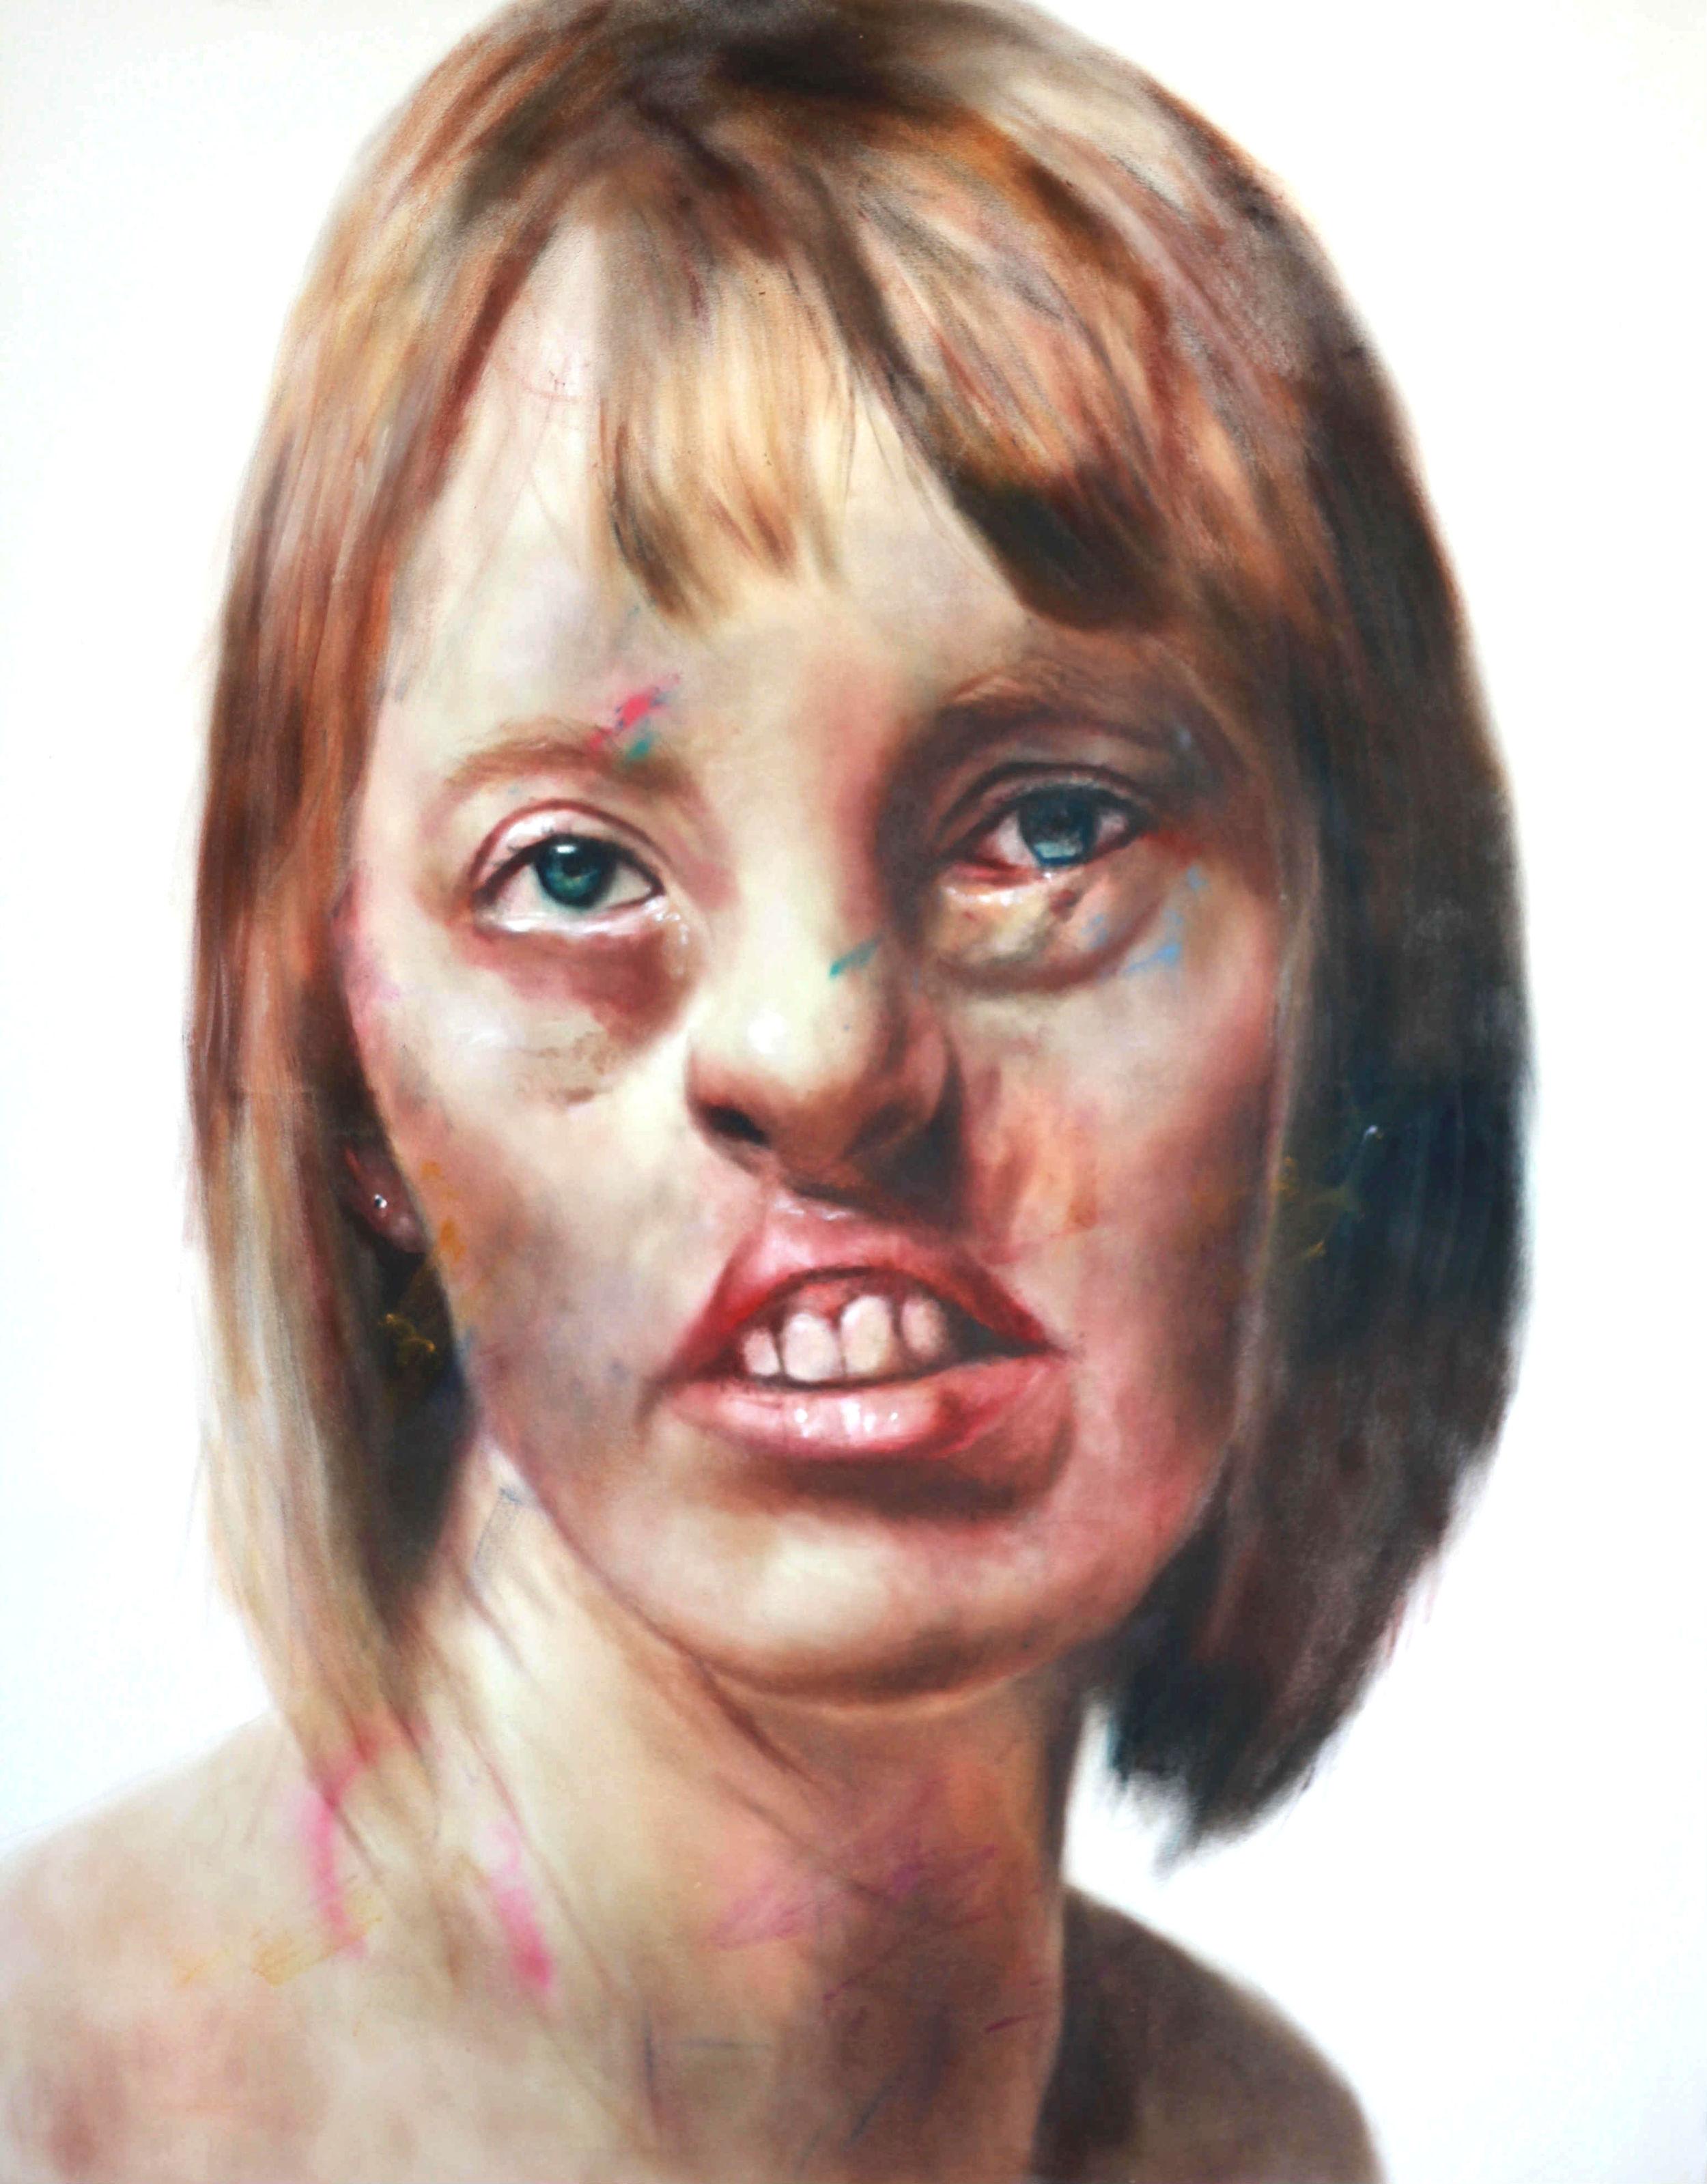 Amanda, 208x150cm, oil on canvas Stolen Faces series